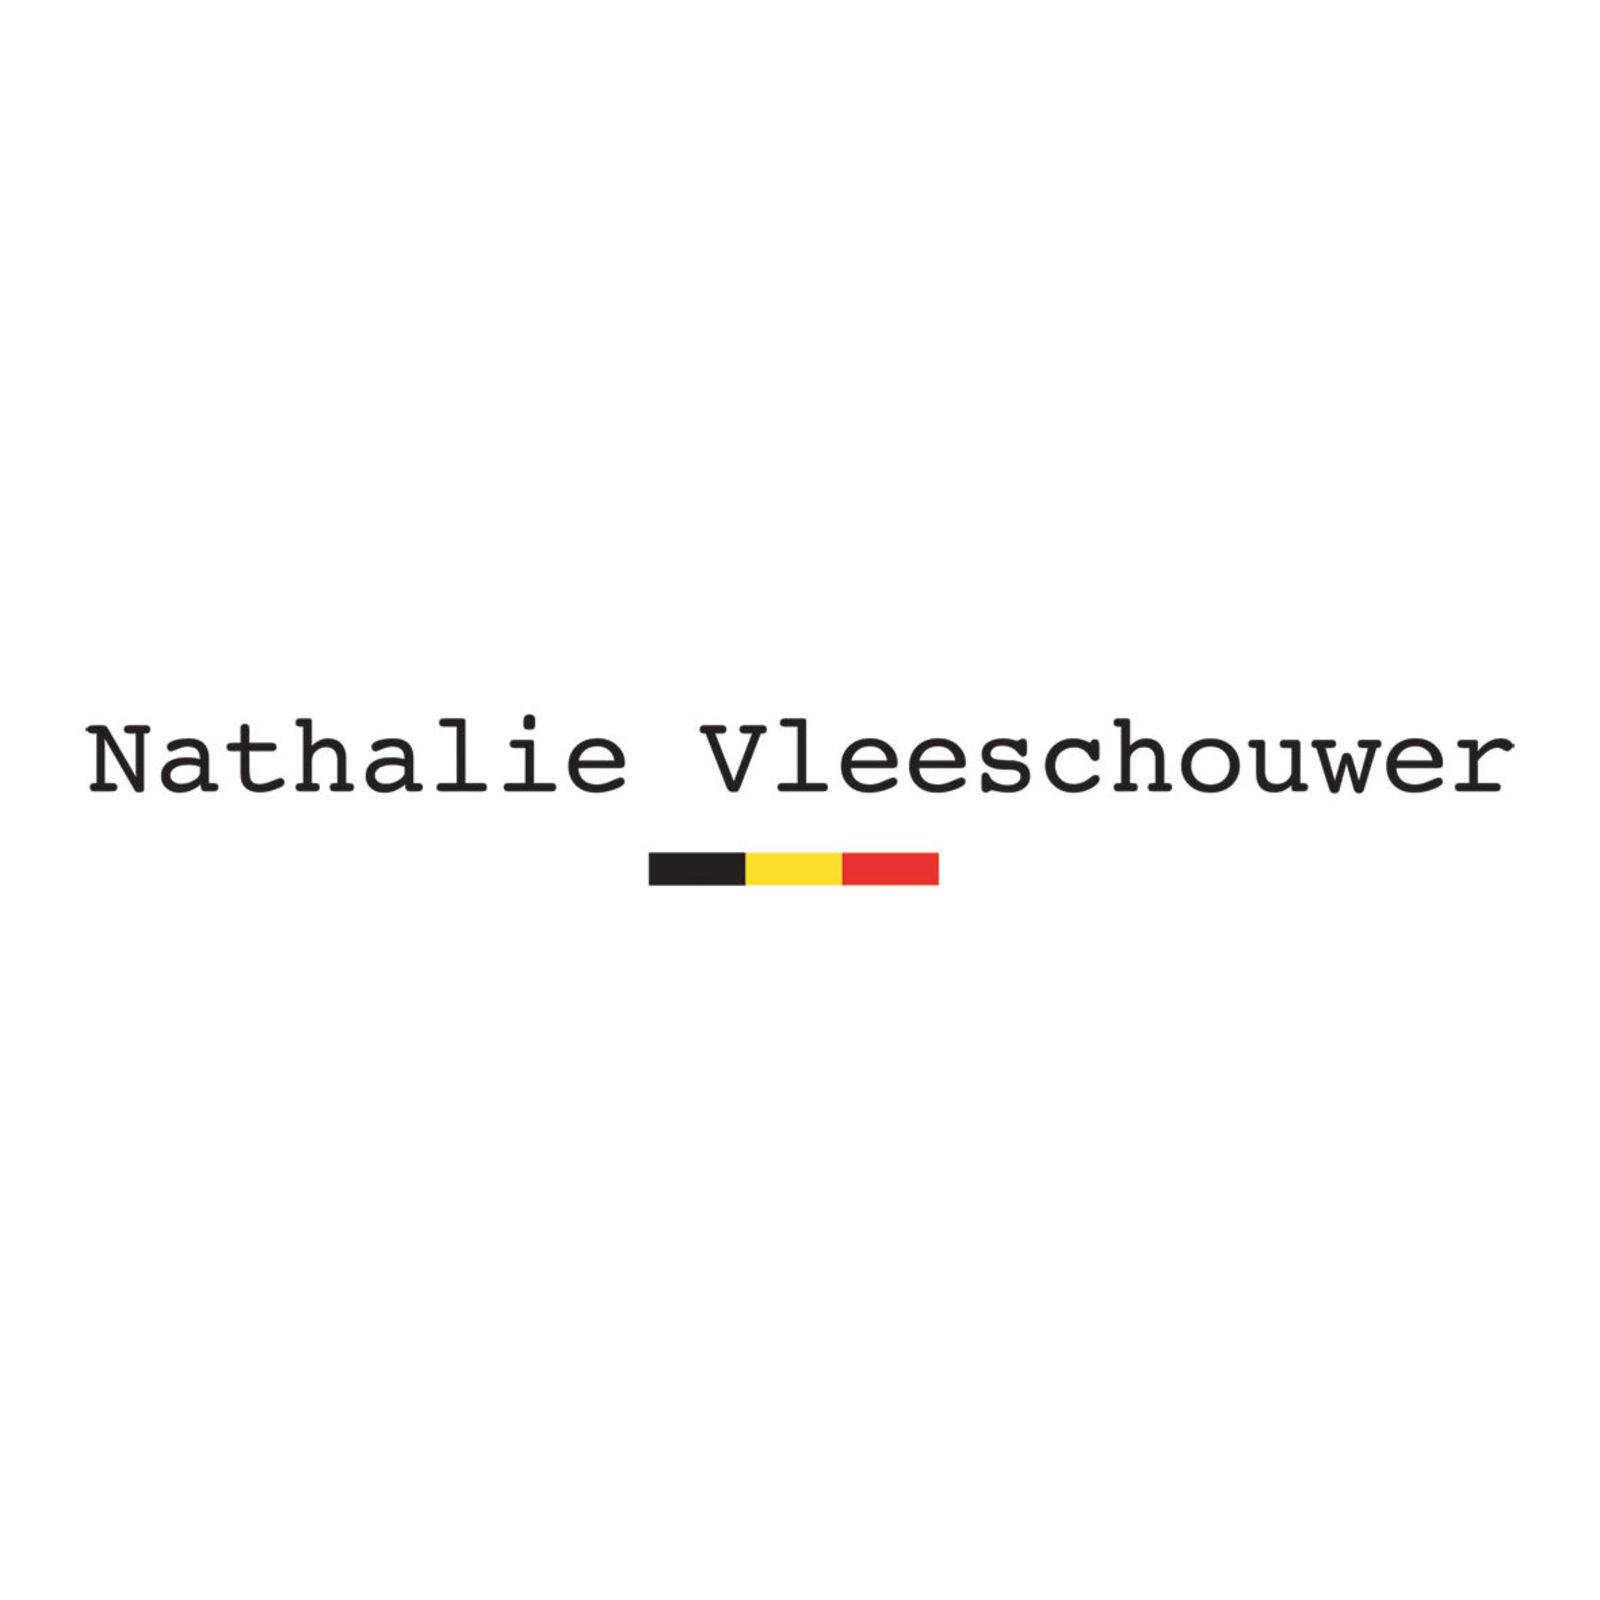 Nathalie Vleeschouwer (Image 1)